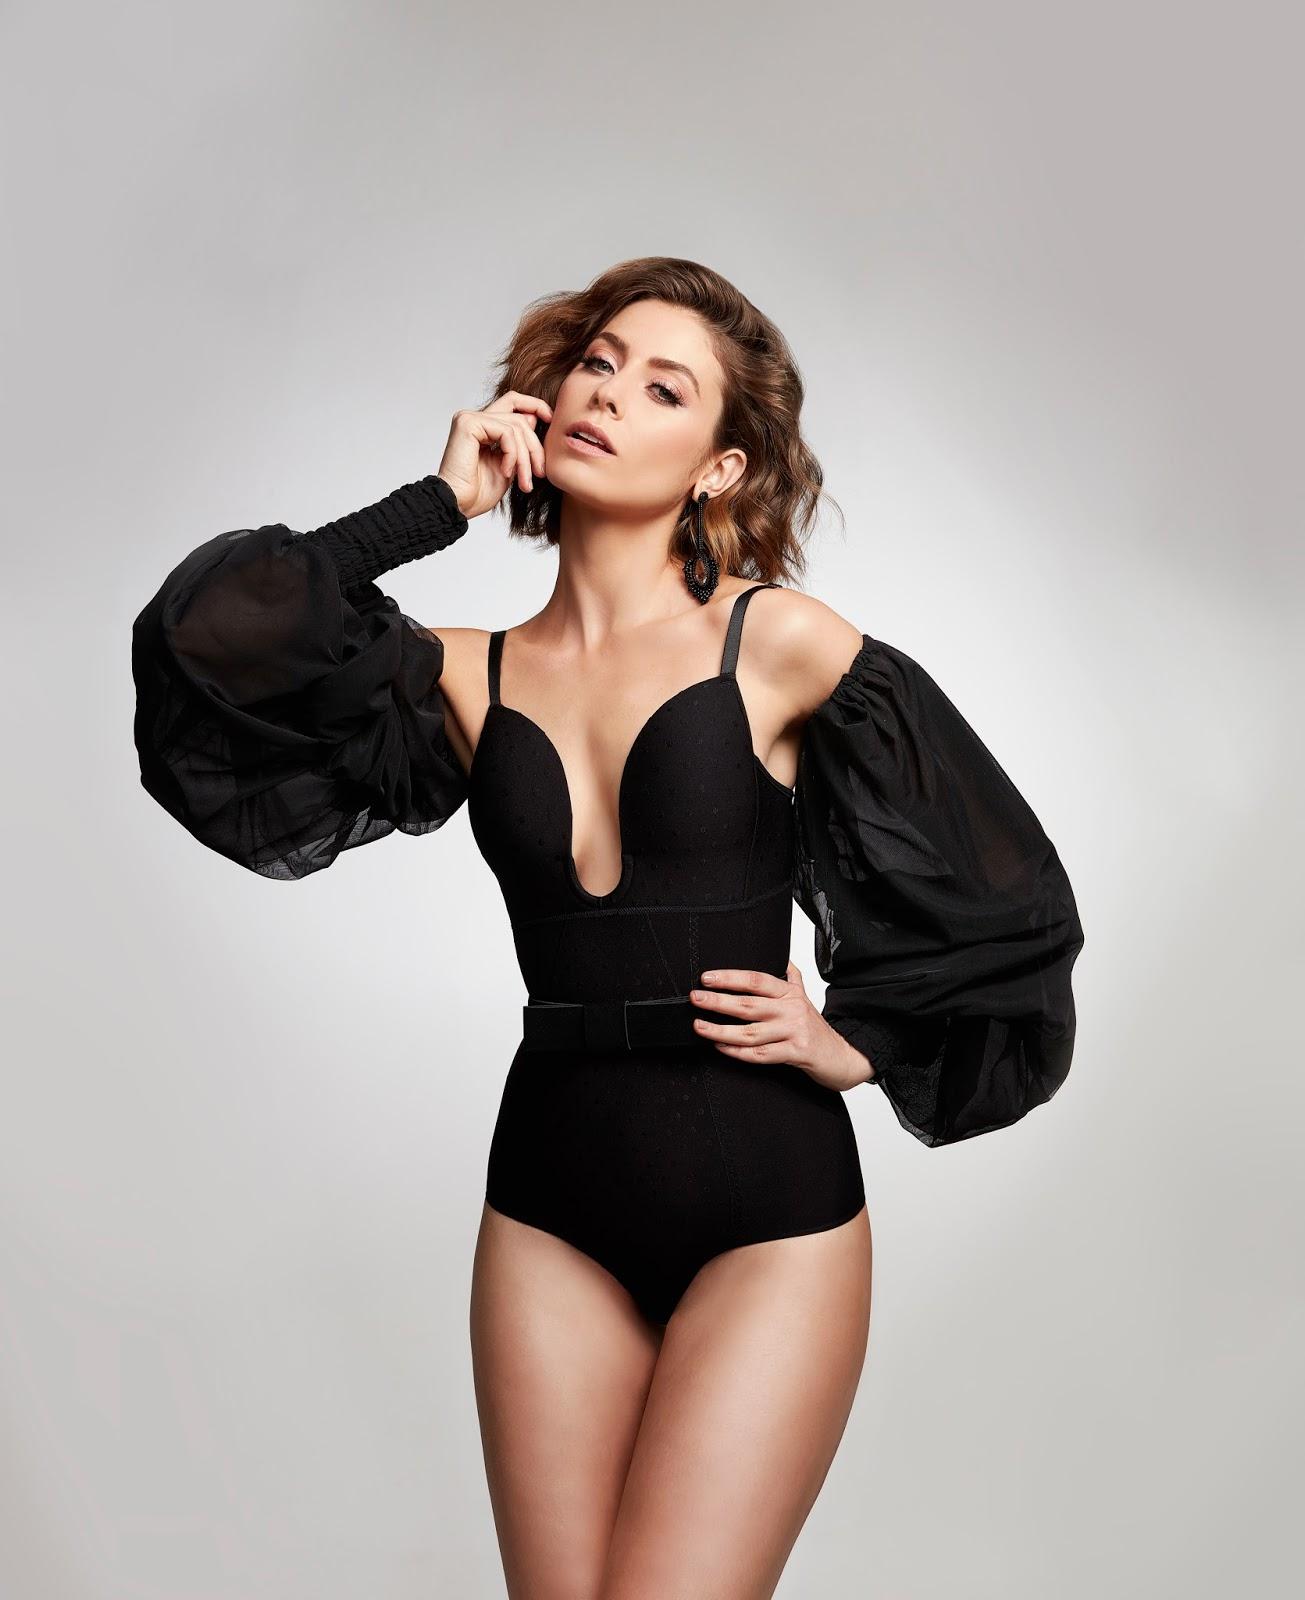 e61bd0df4 Reconhecida no mercado de lingeries por suas peças modeladoras extremamente  confortáveis